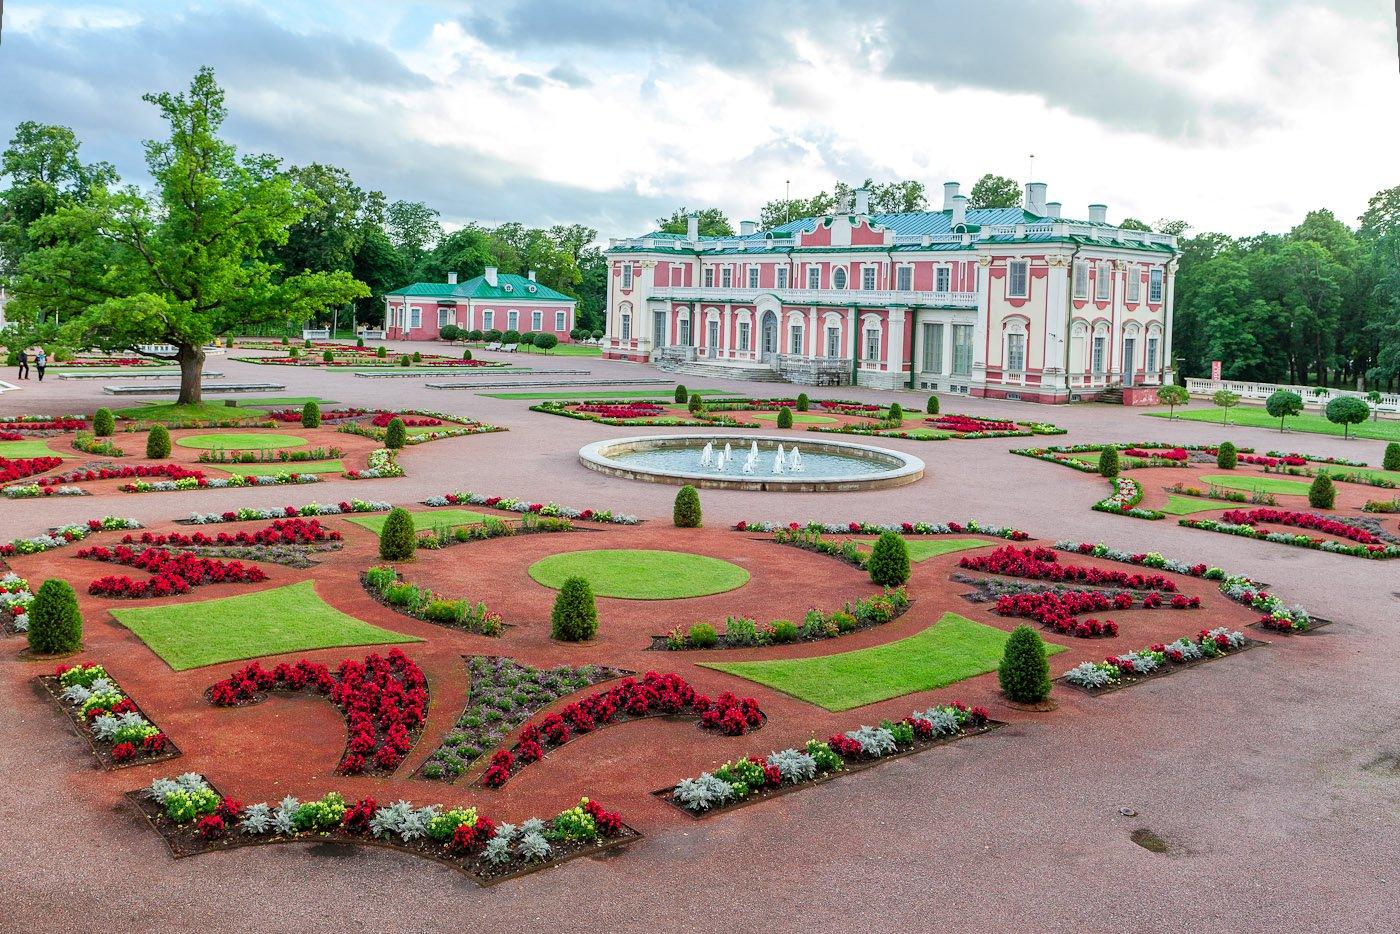 Дворцовый парк Кадриорг, Таллинн